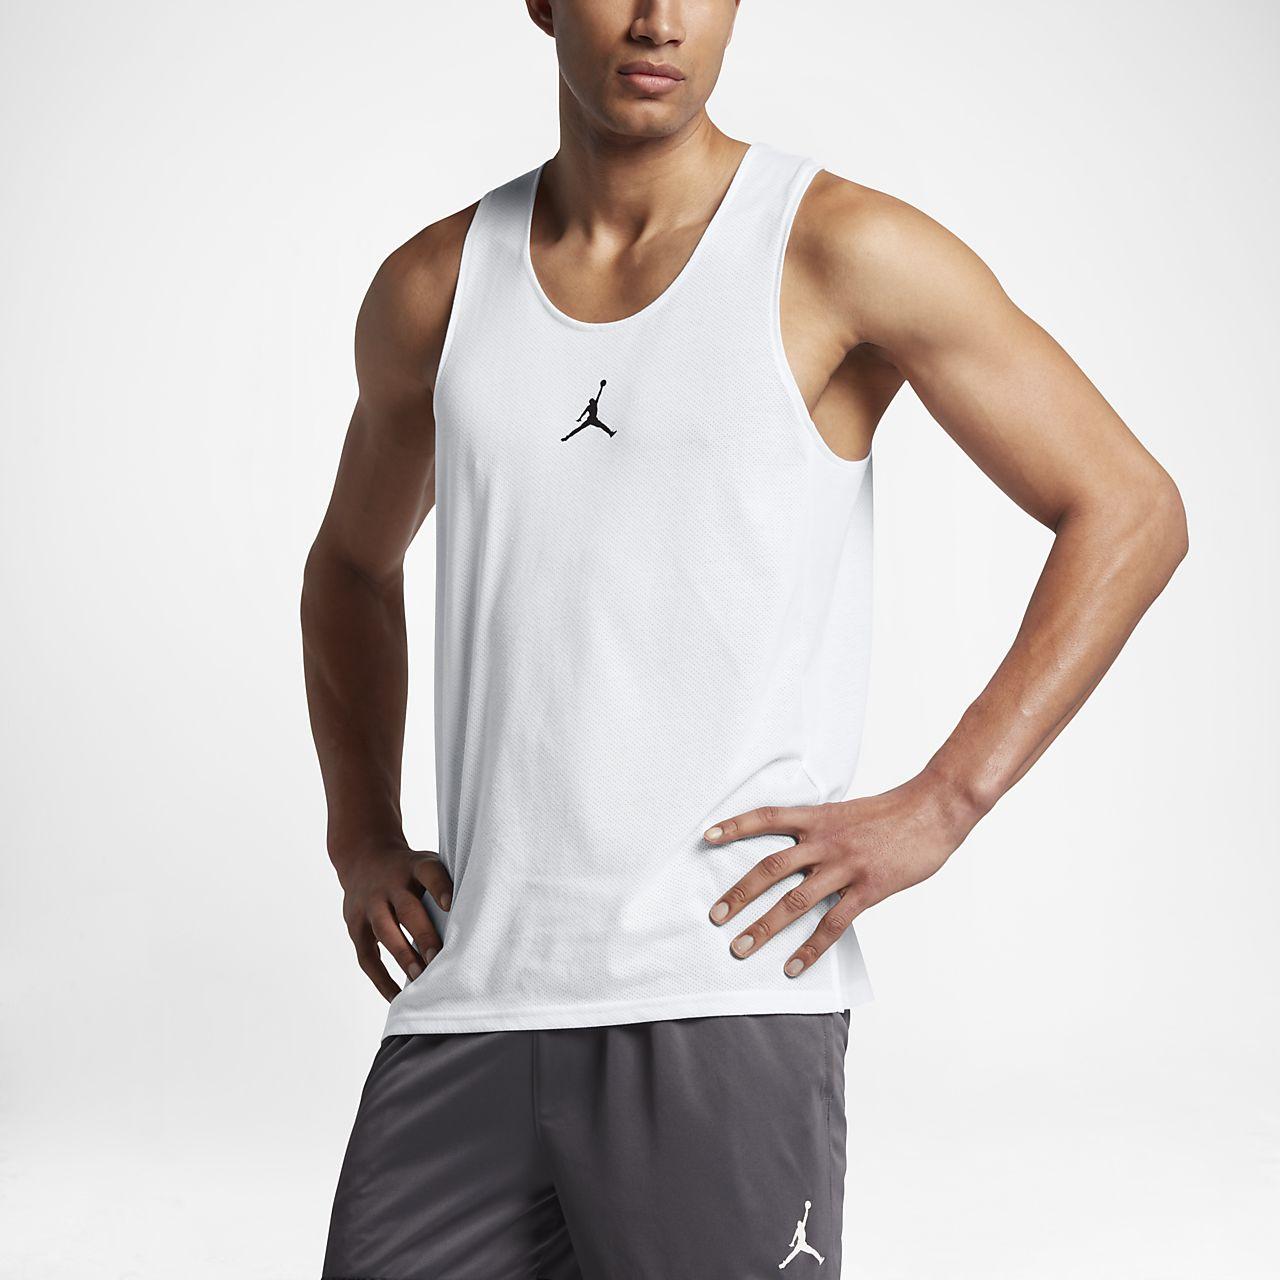 เสื้อแข่งบาสเก็ตบอลผู้ชาย Jordan Flight